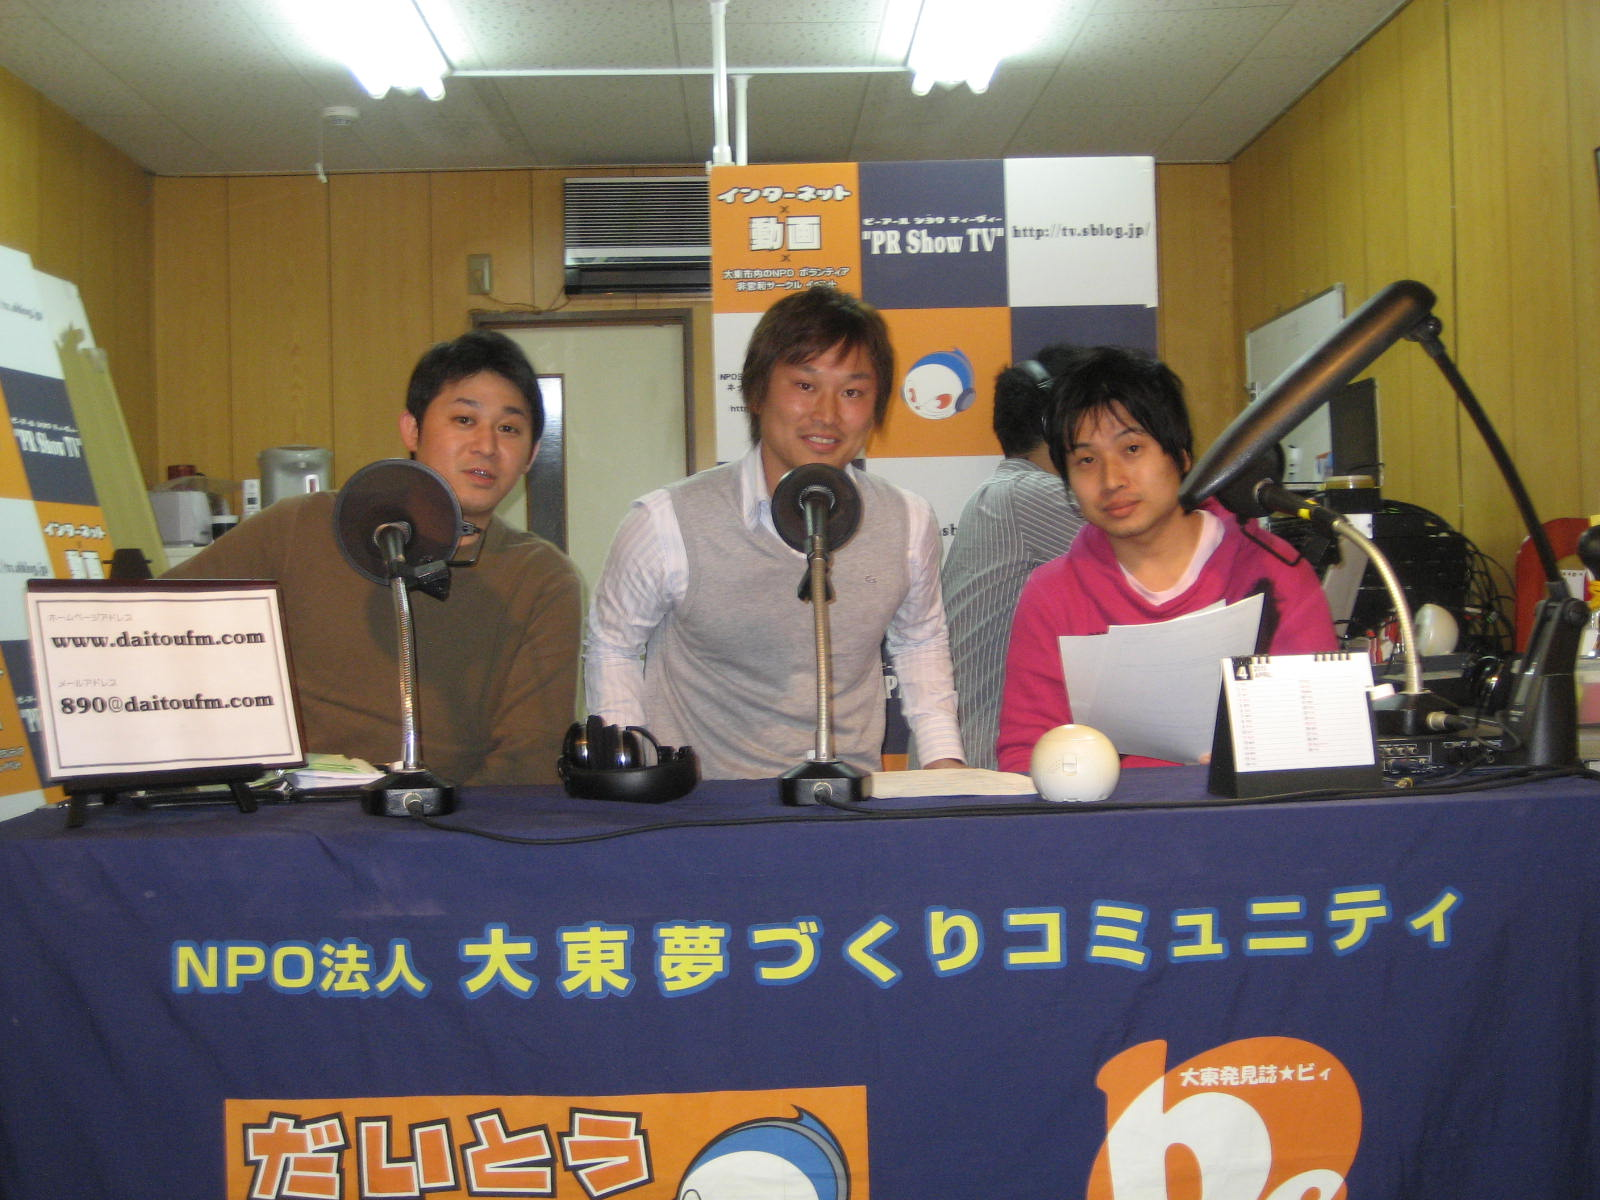 だいとうFM | 不妊|鍼灸|大阪|不妊の鍼灸治療は三ツ川レディース鍼灸院